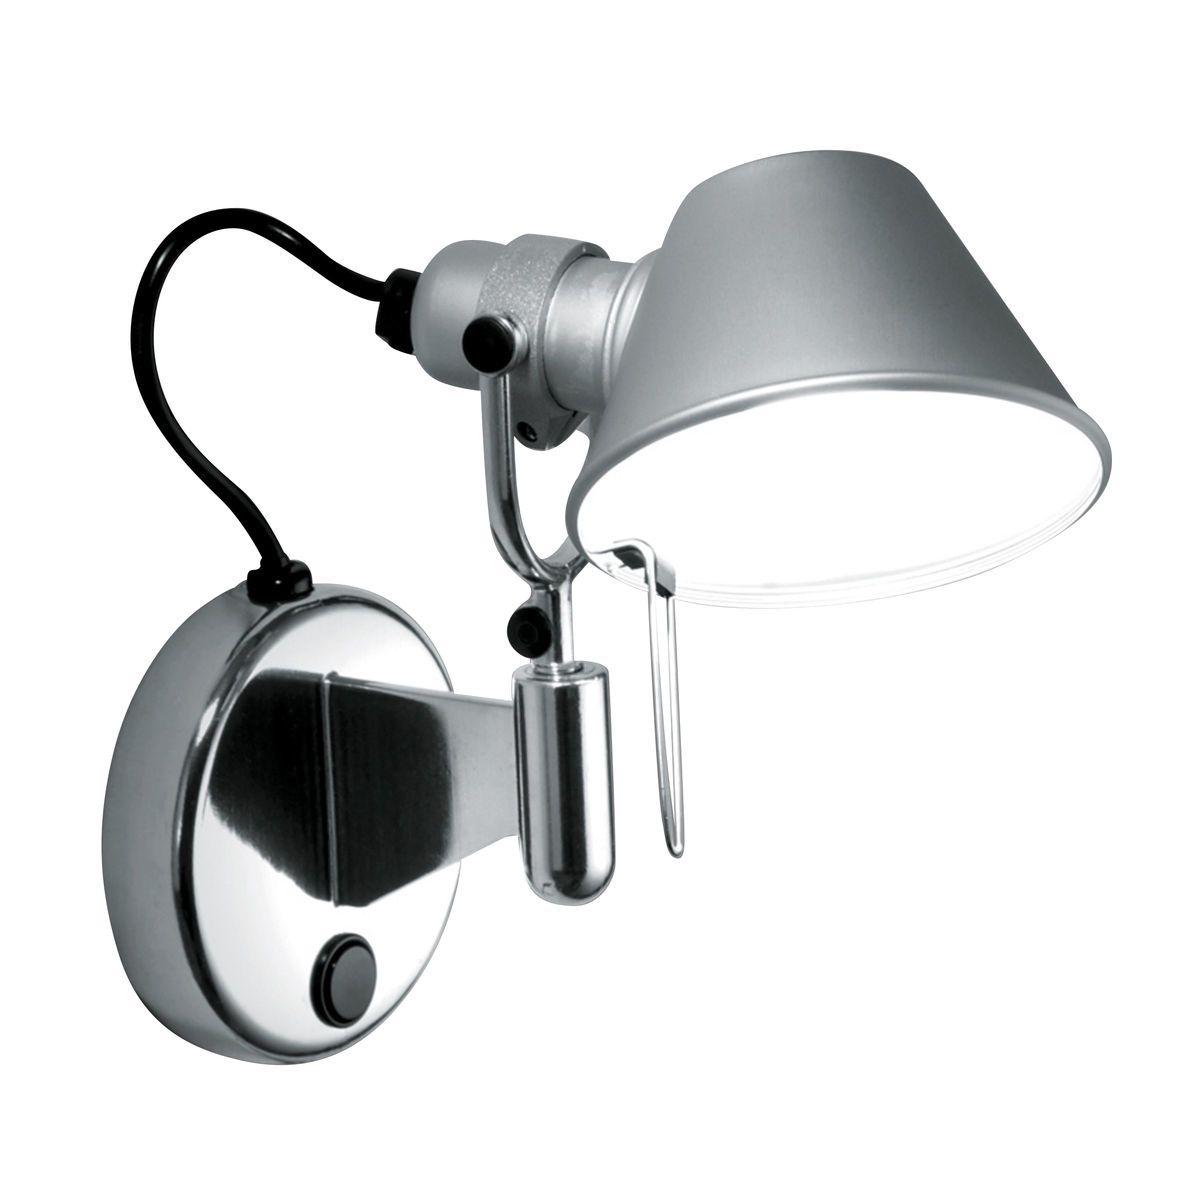 Artemide tolomeo micro faretto wall lamp artemide - Artemide tolomeo micro parete ...